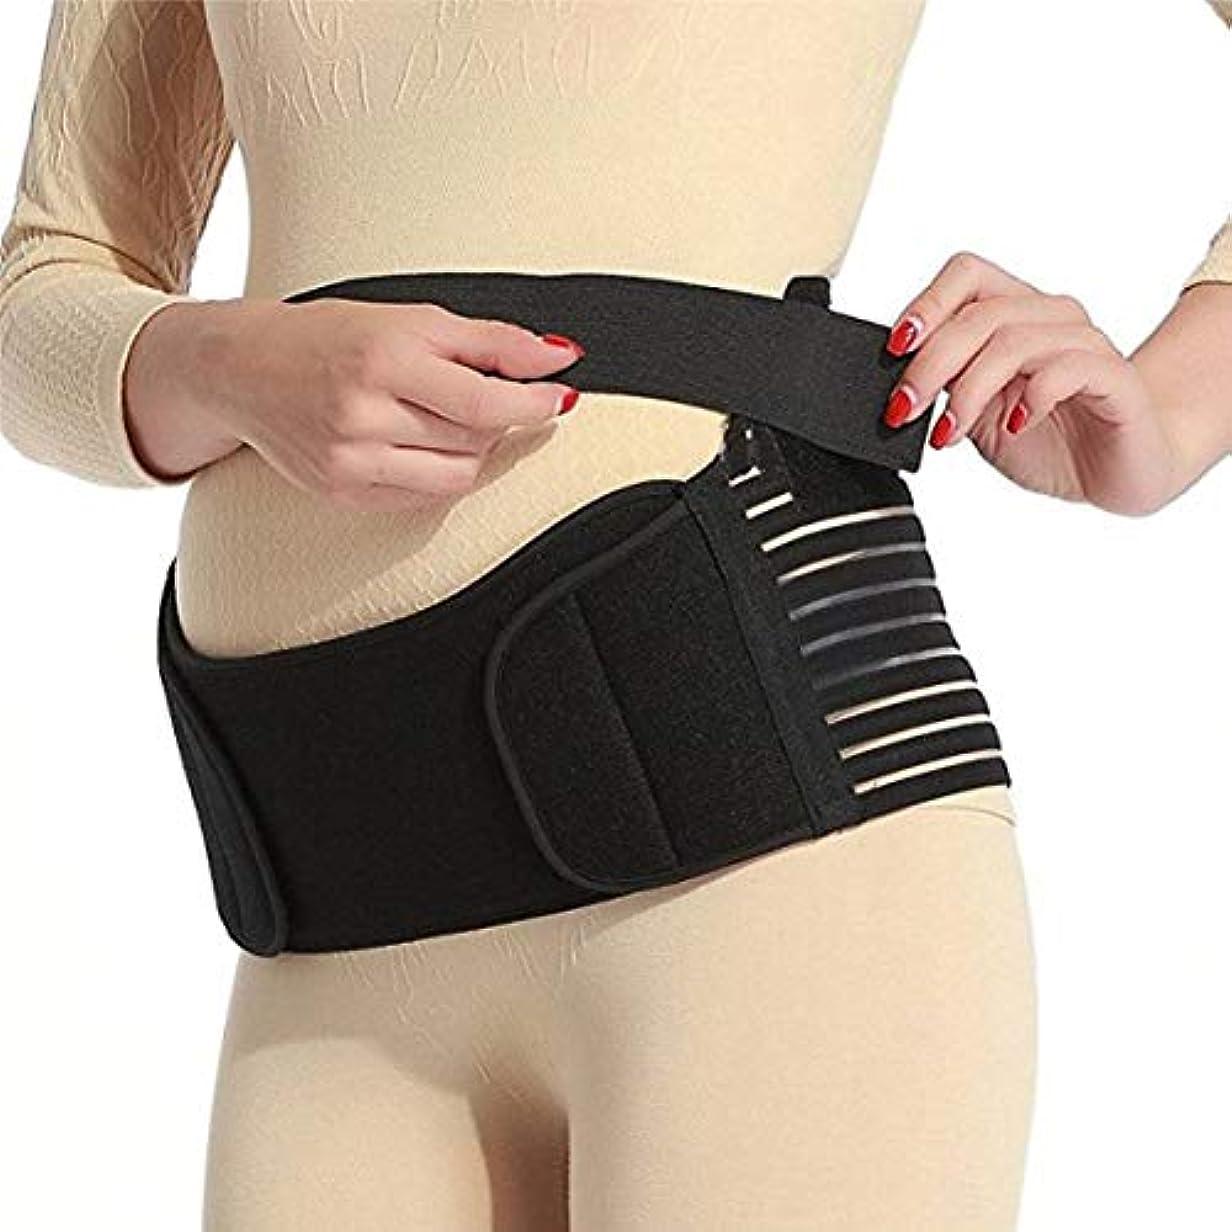 効能ダーリン自我通気性マタニティベルト妊娠中の腹部サポート腹部バインダーガードル運動包帯産後の回復shapewear - ブラックM